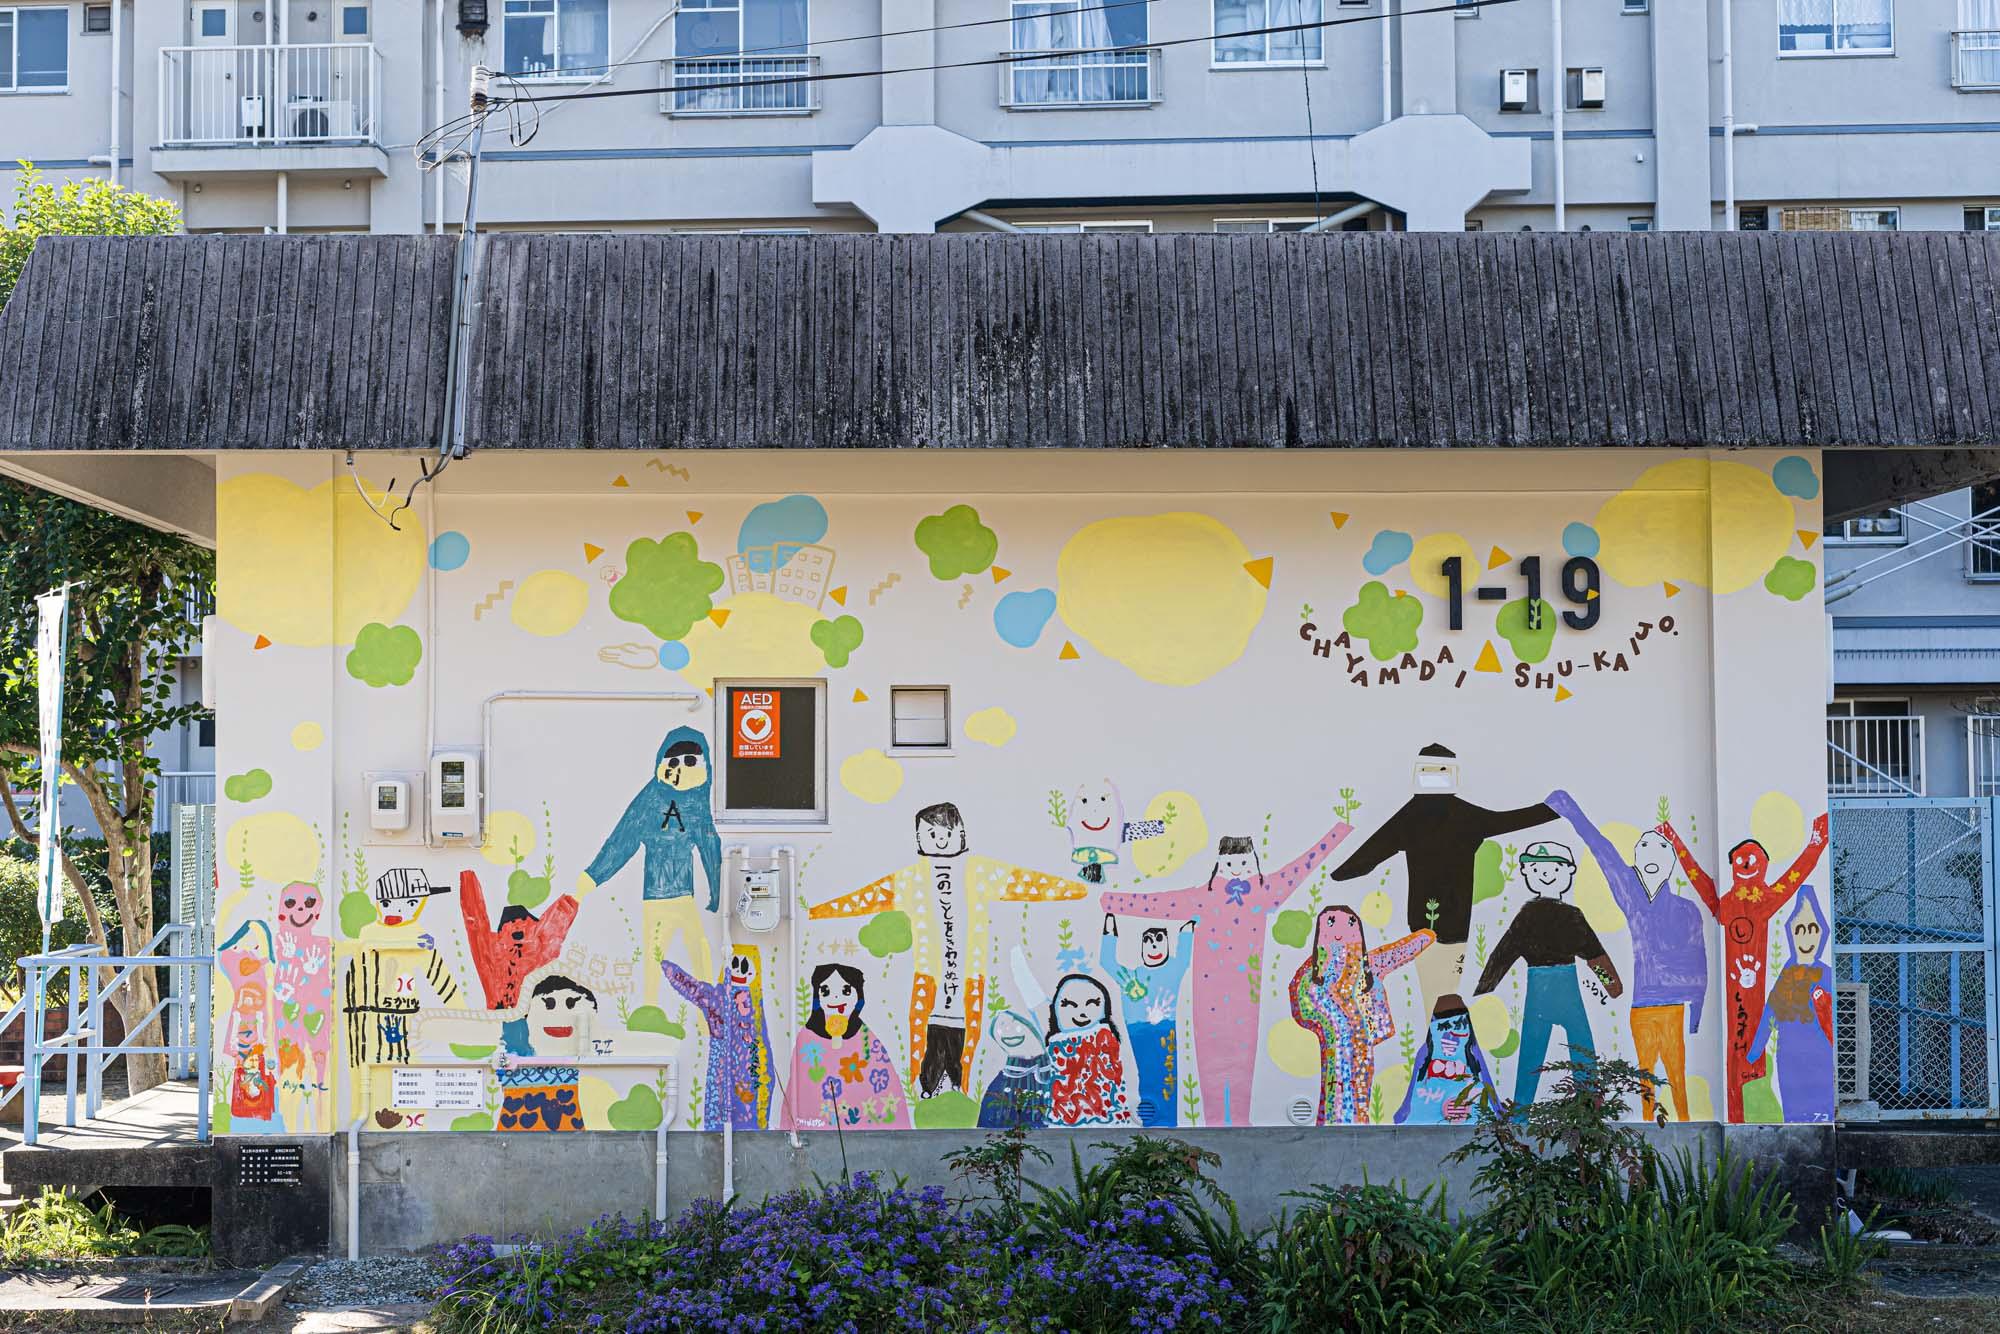 こちらは、住人の皆さんのコミュニティ拠点として使われている「茶山台としょかん」。外壁も塗りなおされてさらに綺麗になりました。